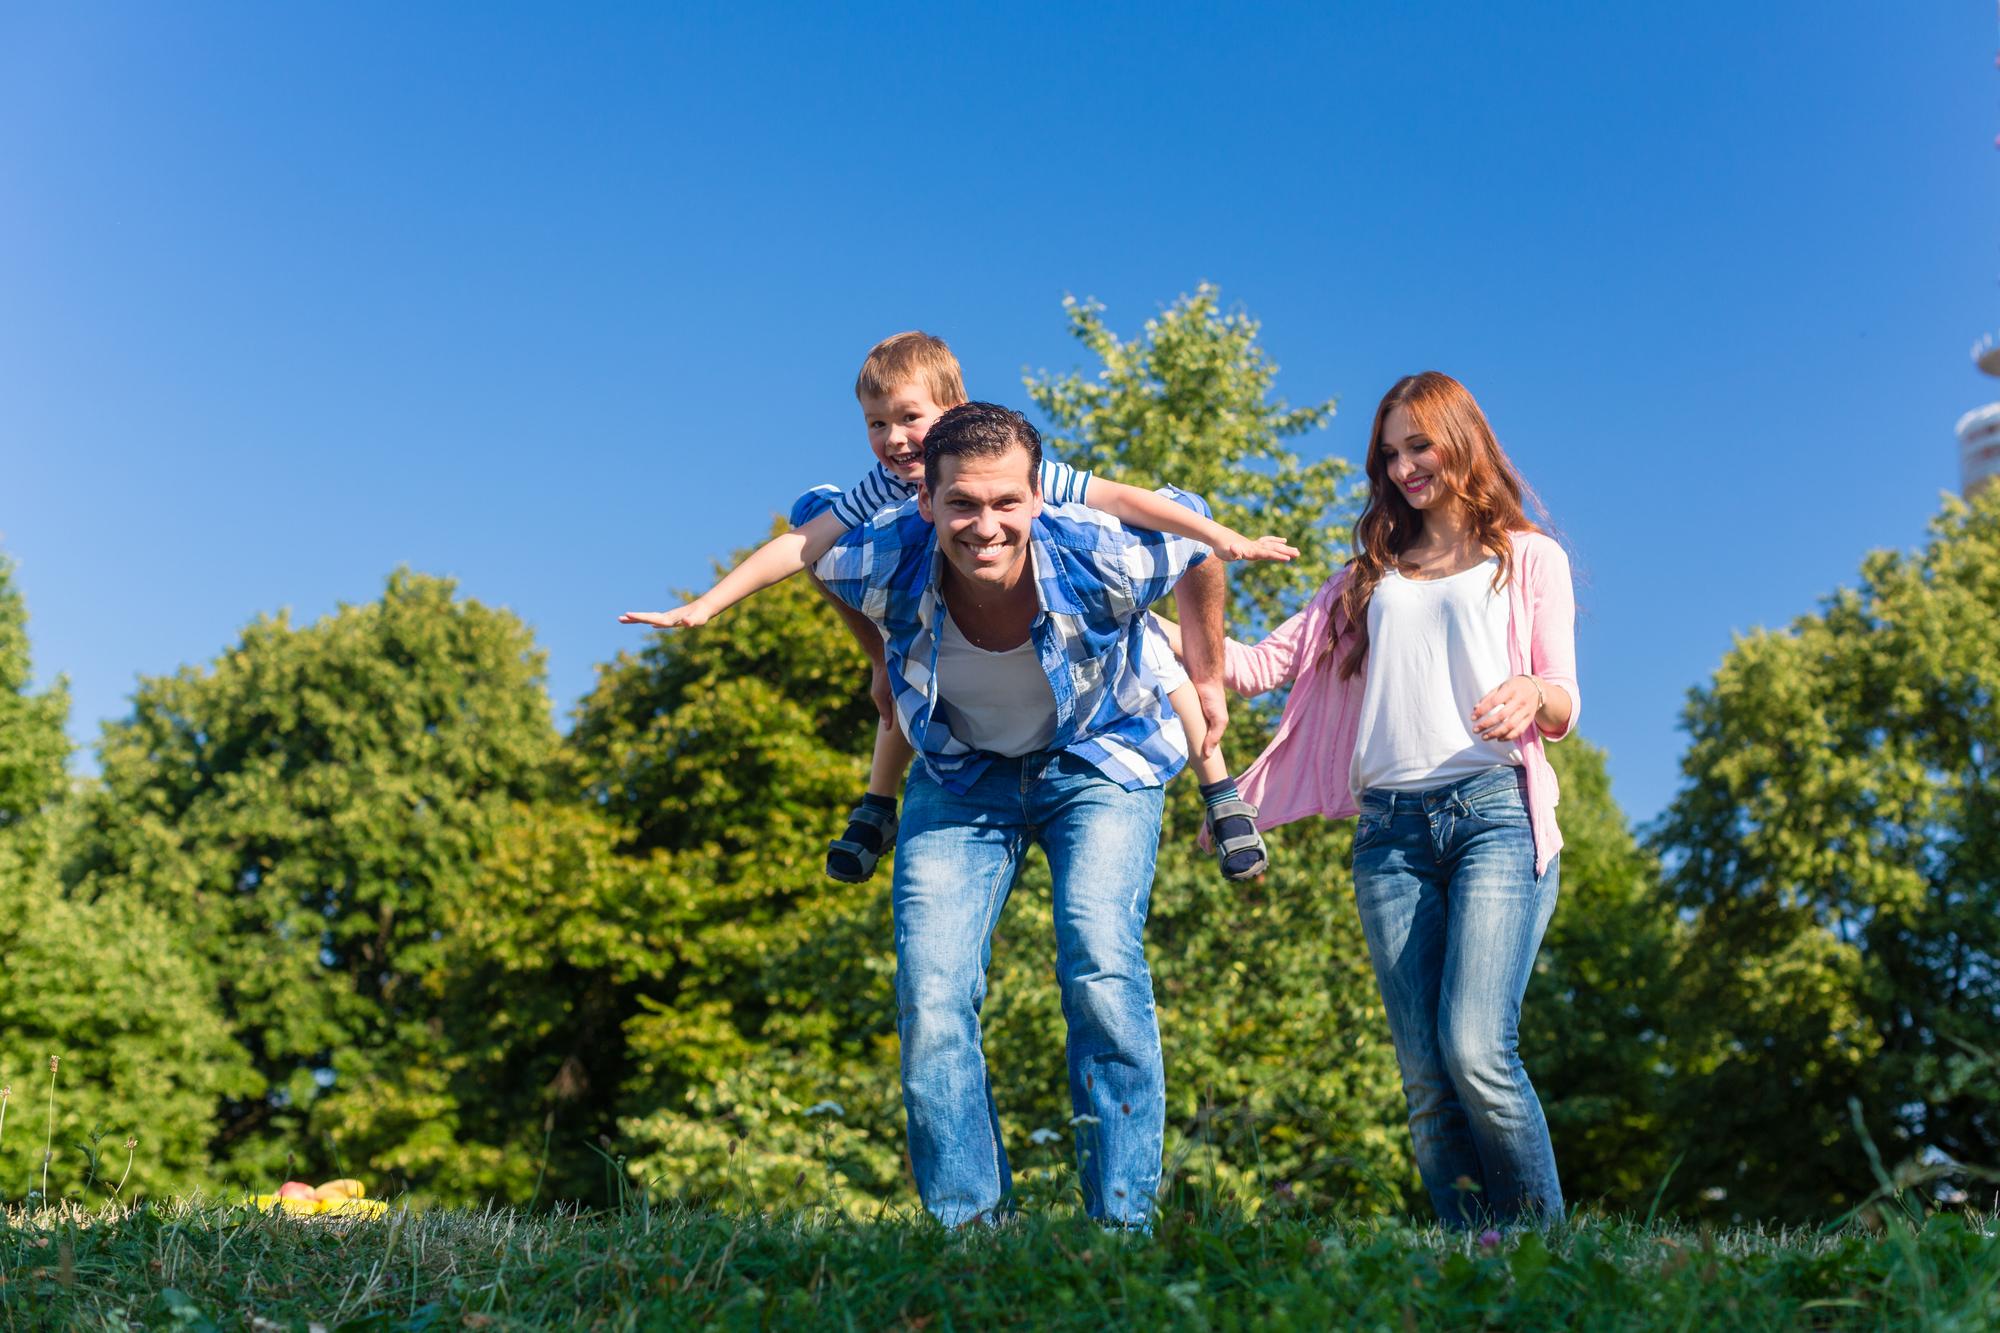 海外では親は子どもと常に一緒。誰にも分け隔てなく笑顔で接しよう